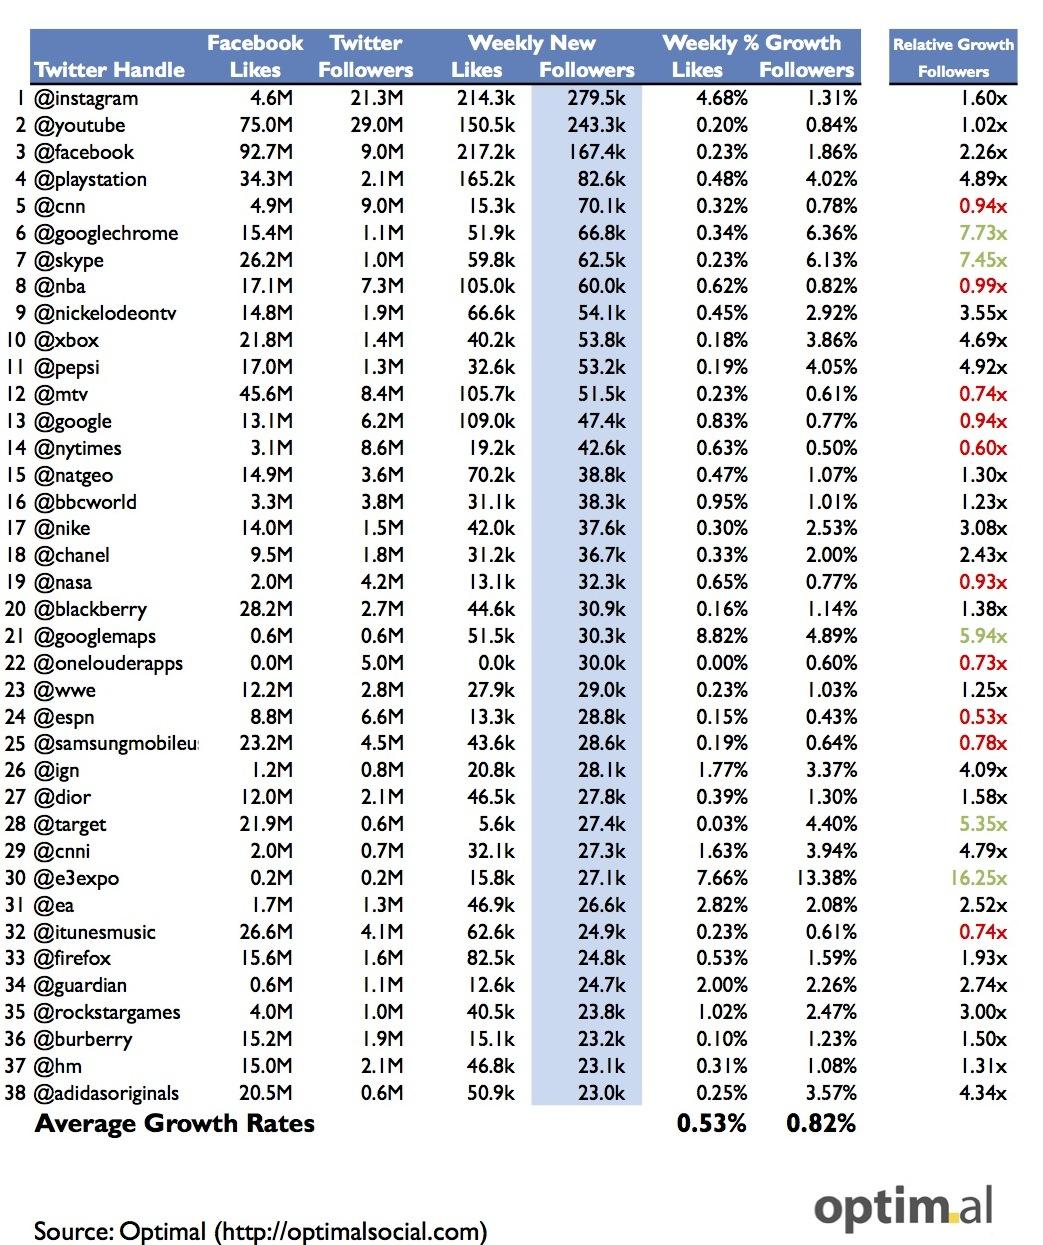 Исследование стартапа в сфере рекламы и аналитики — Optimal — показало: сообщества больших брендов быстрее растут в Твиттере, чем в Фейсбуке